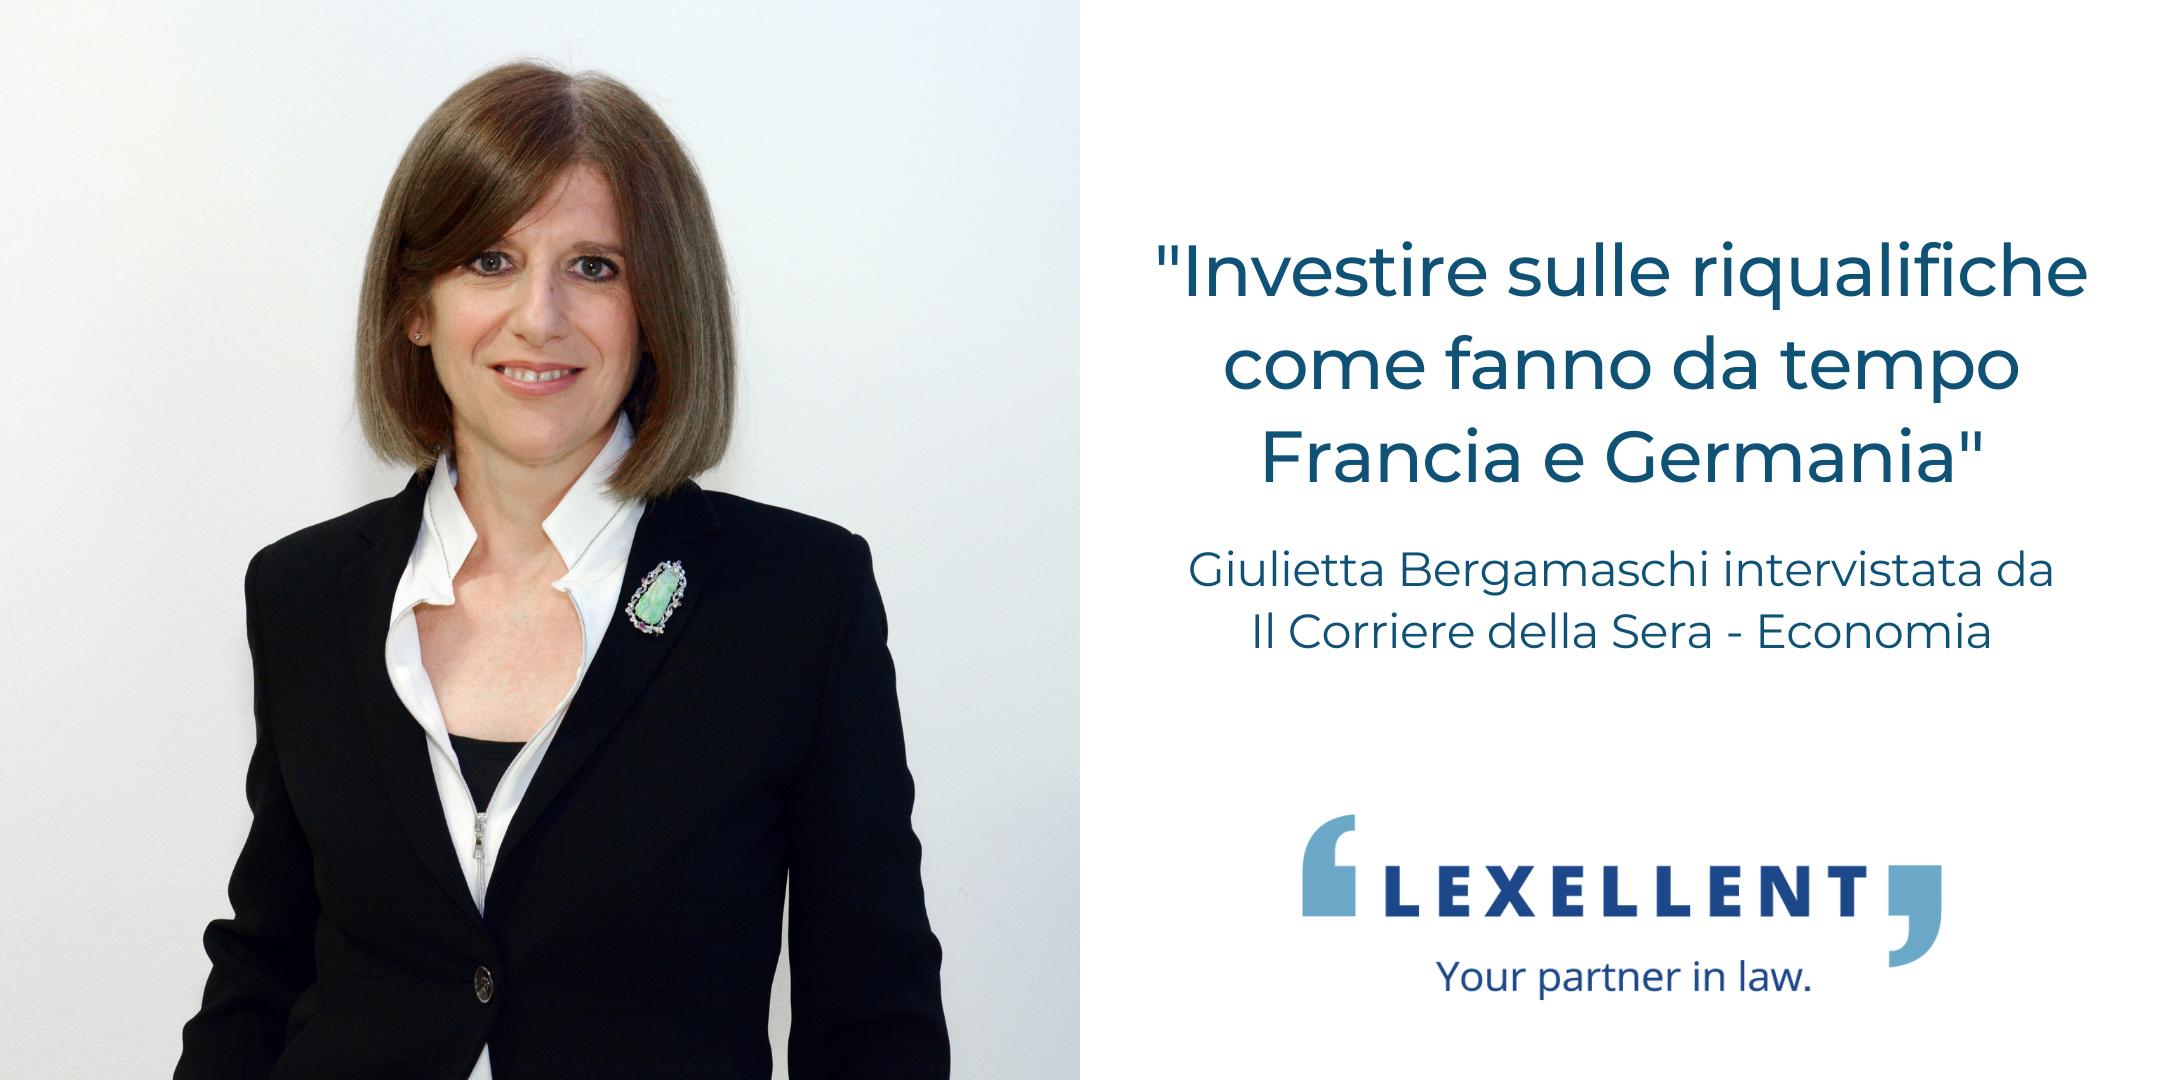 Politiche attive del lavoro: l'intervista a Giulietta Bergamaschi su Il Corriere della Sera – Economia